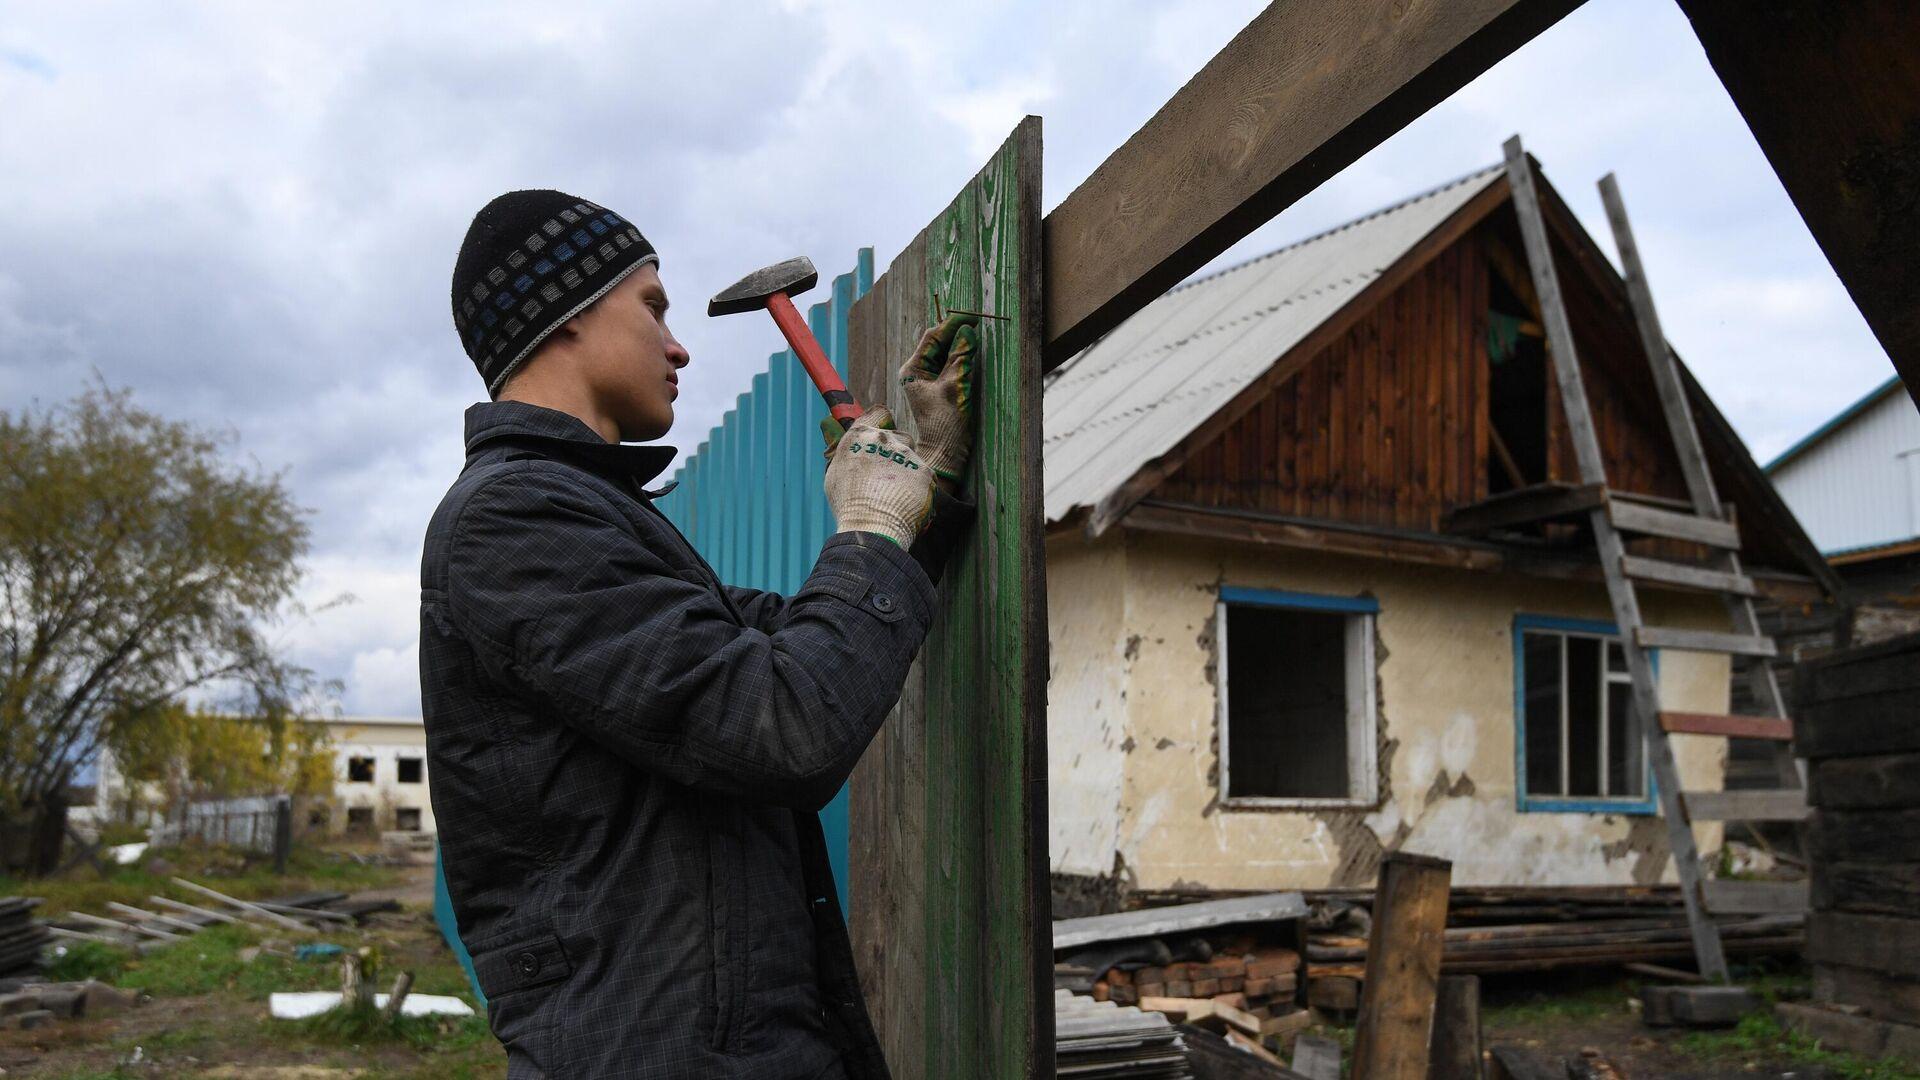 Мужчина ремонтирует забор, поврежденный наводнением в Тулуне - РИА Новости, 1920, 26.06.2020